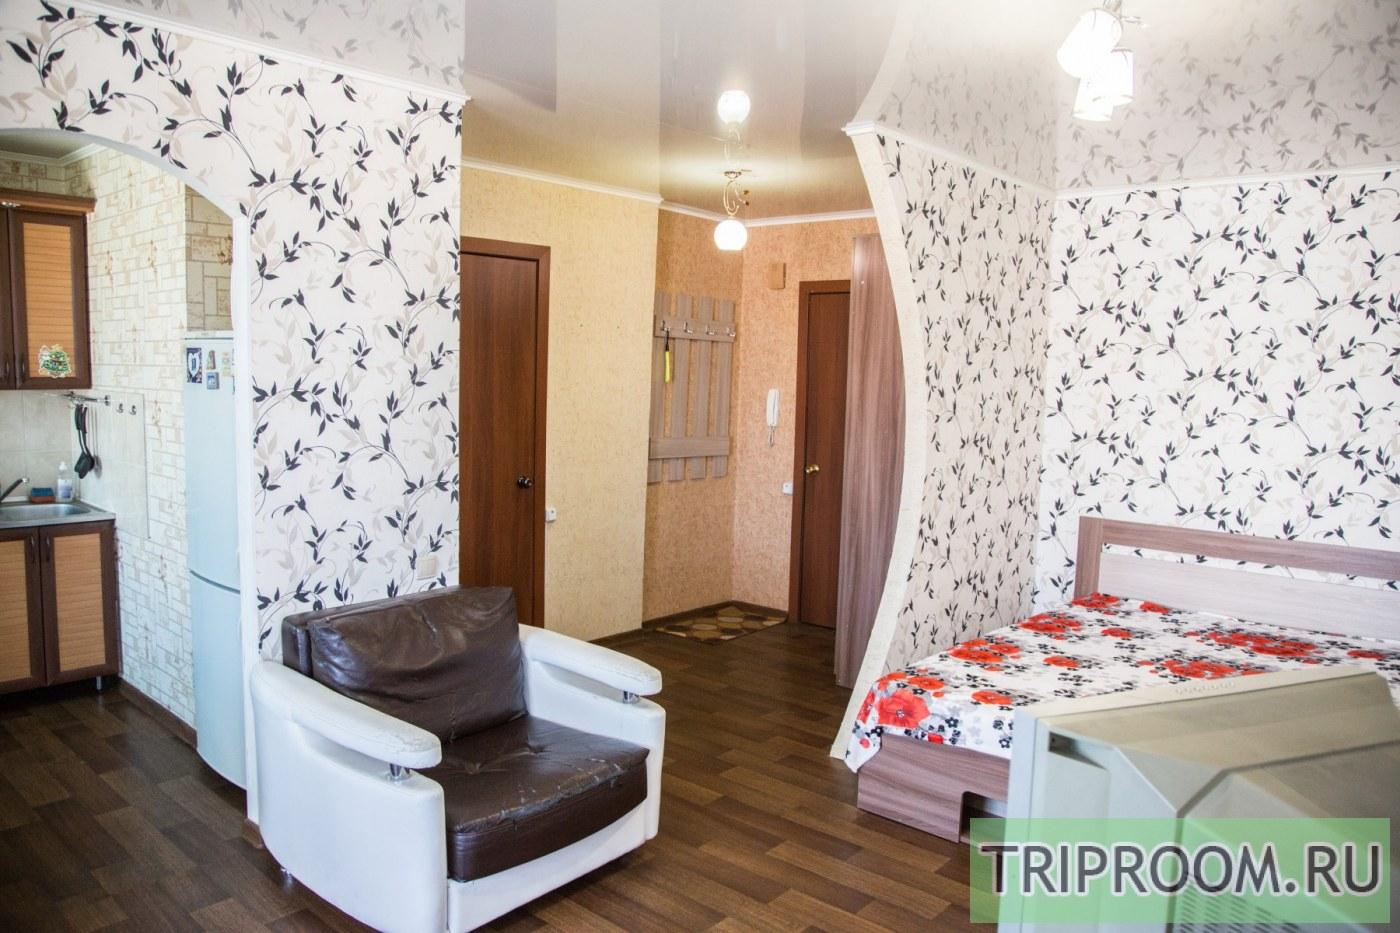 1-комнатная квартира посуточно (вариант № 37503), ул. Ленина улица, фото № 1